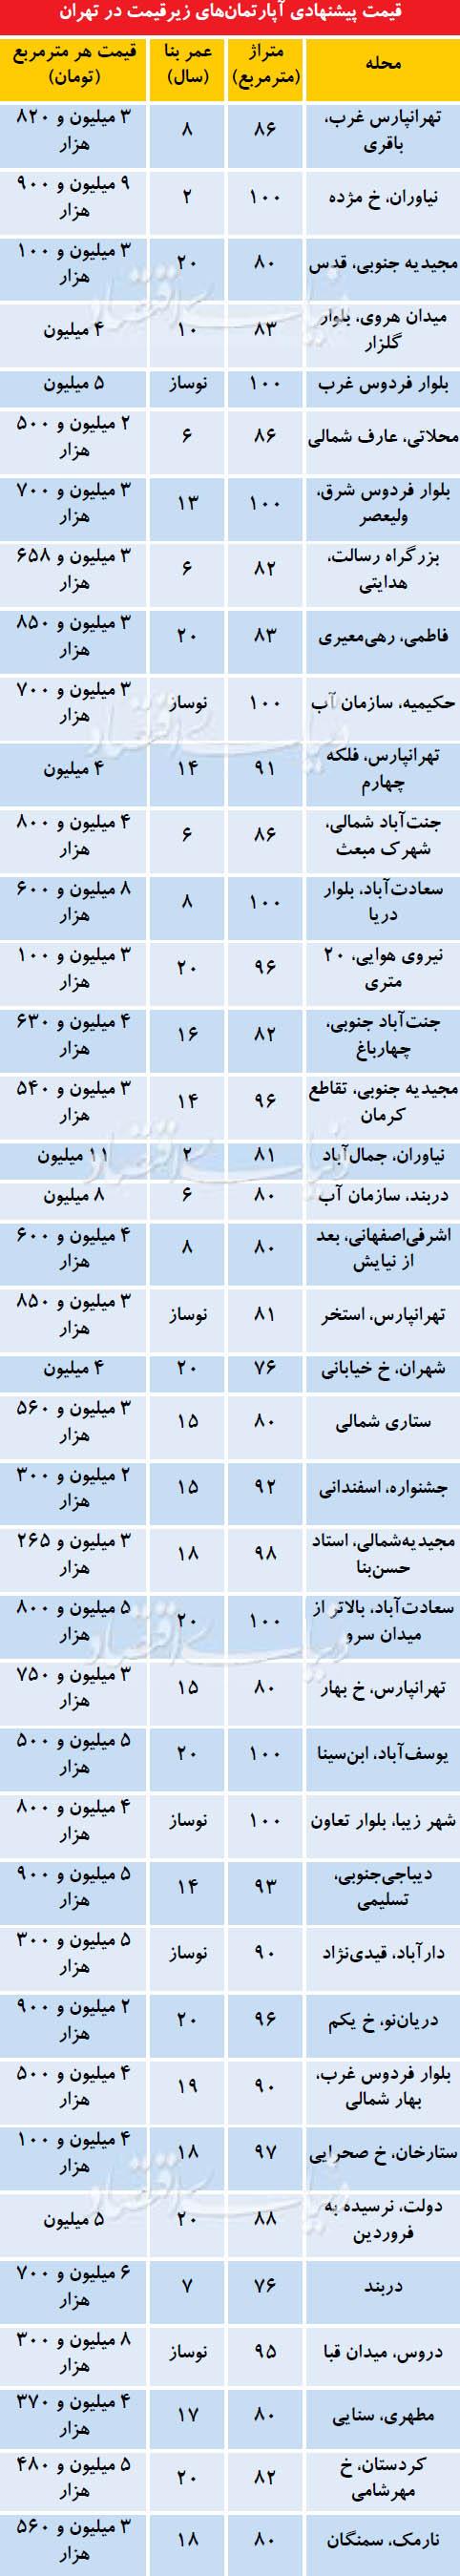 لیست آپارتمانهای ارزان قیمت در تهران